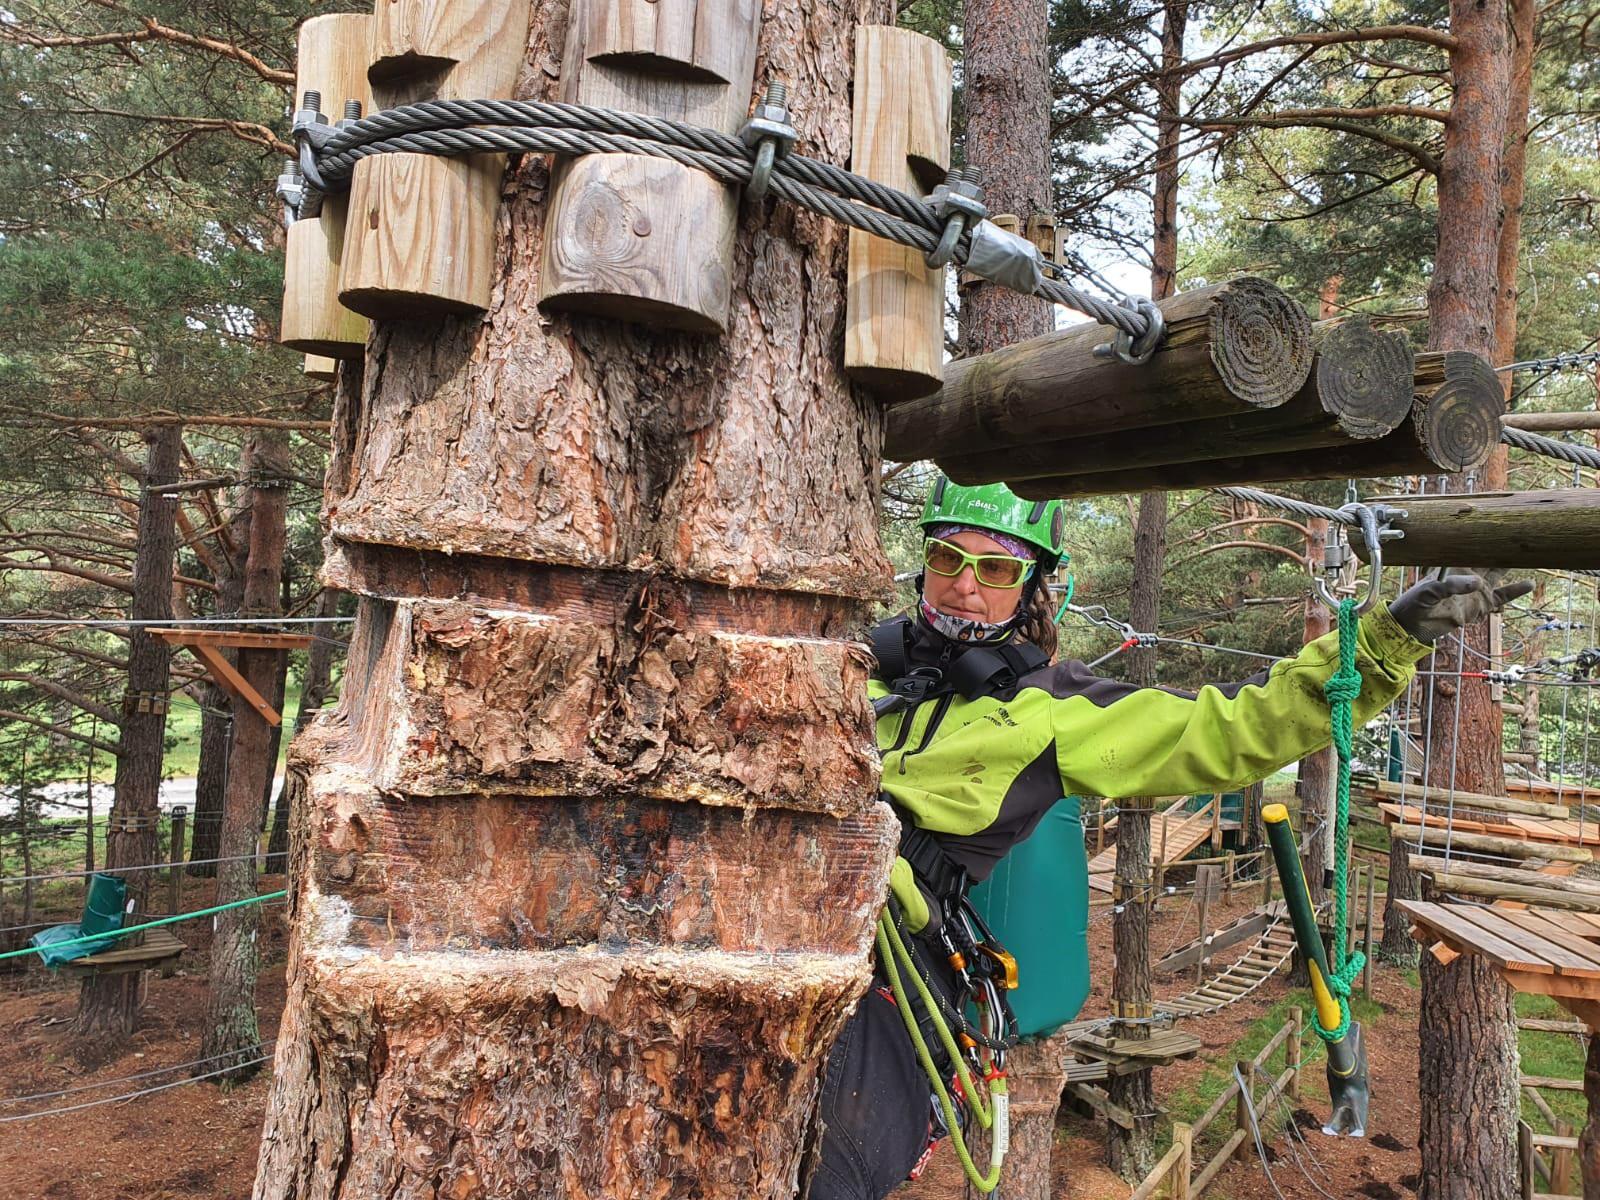 Tronc d'arbre abimé par une plateforme dans un parc accrobranche